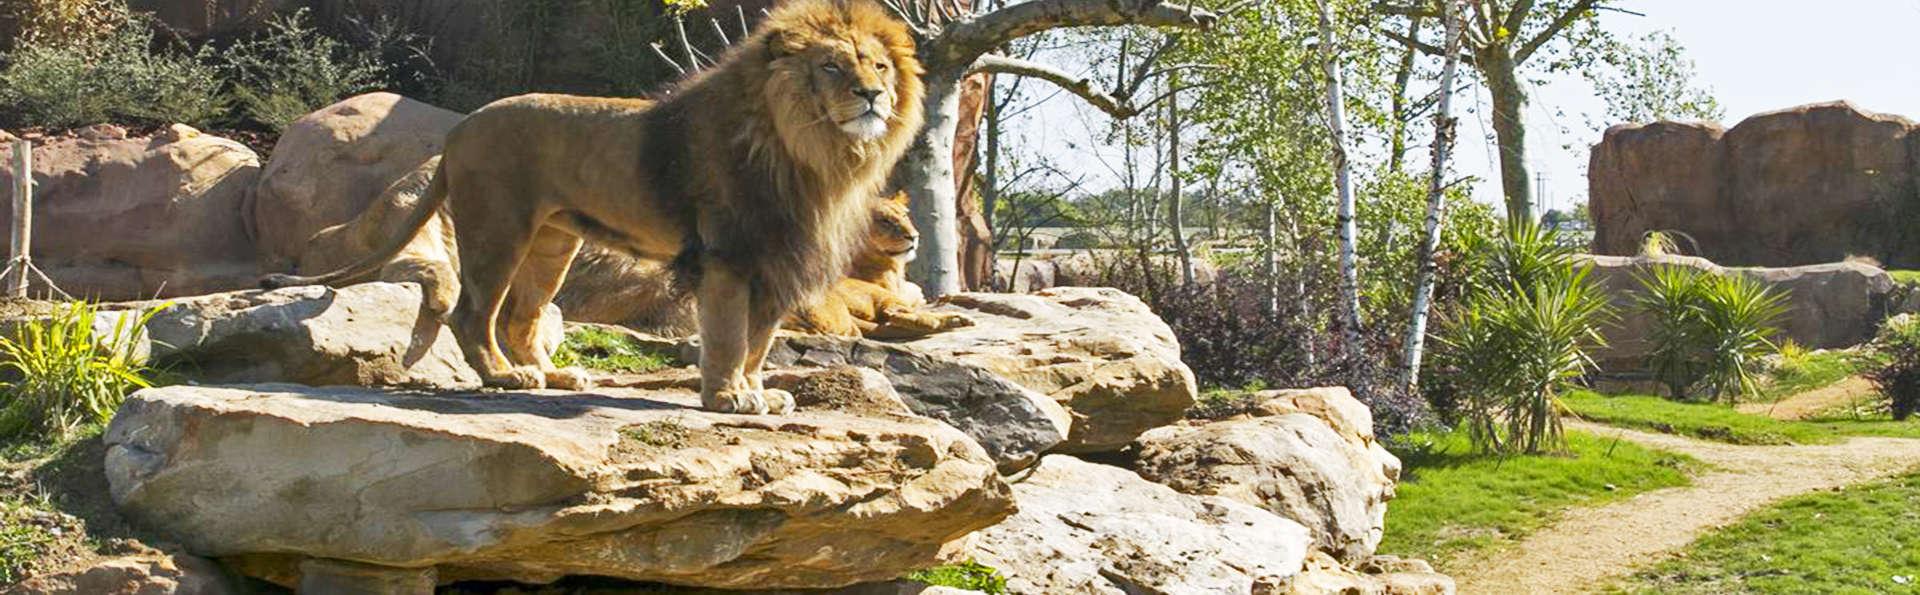 Entrées au zoo de Beauval et à Chenonceau et séjour dans un cadre bucolique (à partir de 2 nuits)